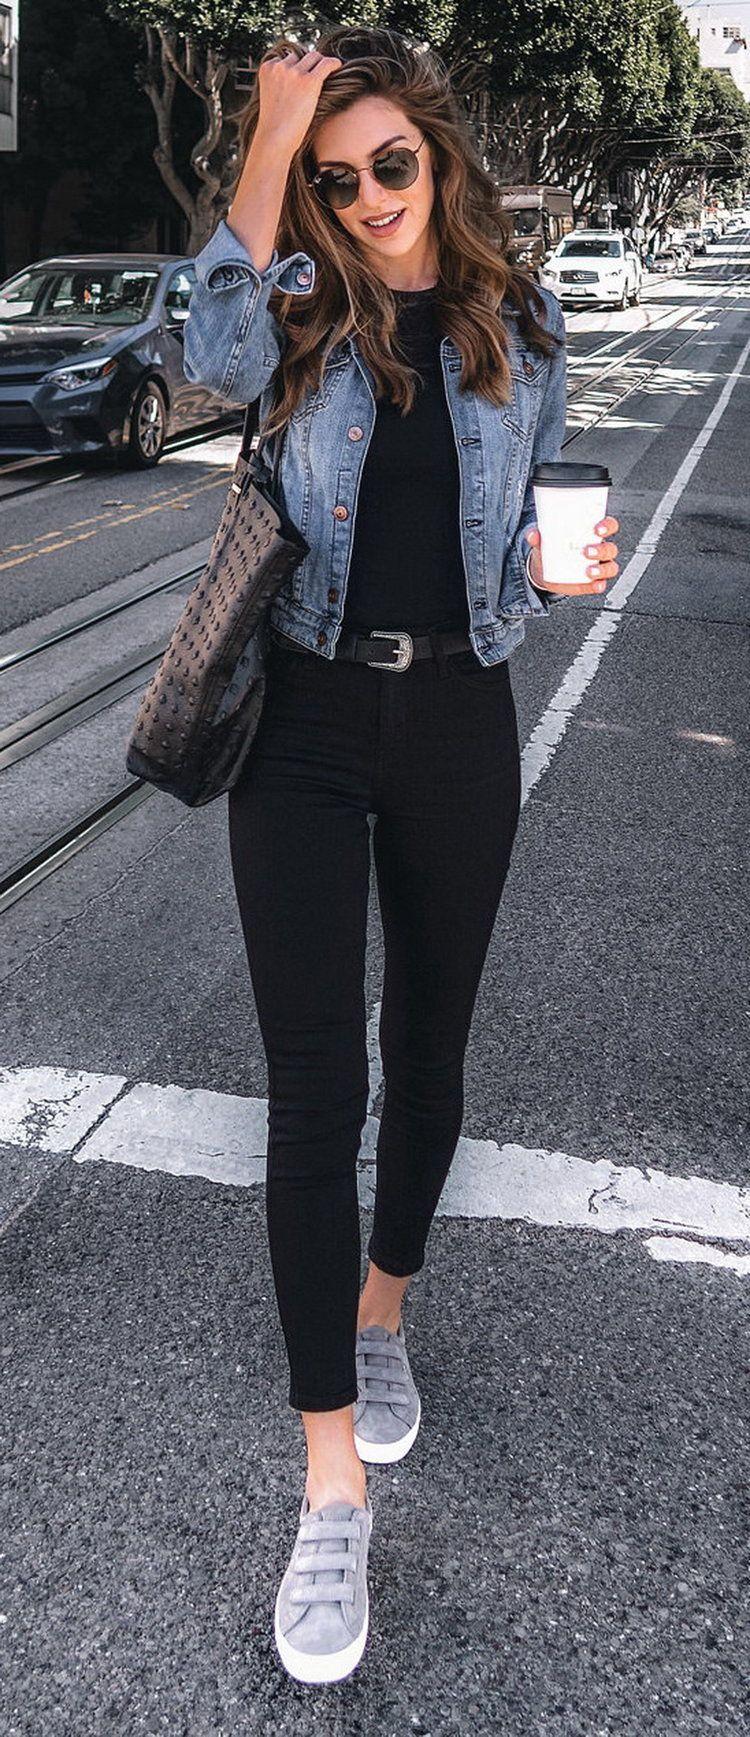 Resultado de imagen para chaqueta de jean con playera y pantalones negros pinterest